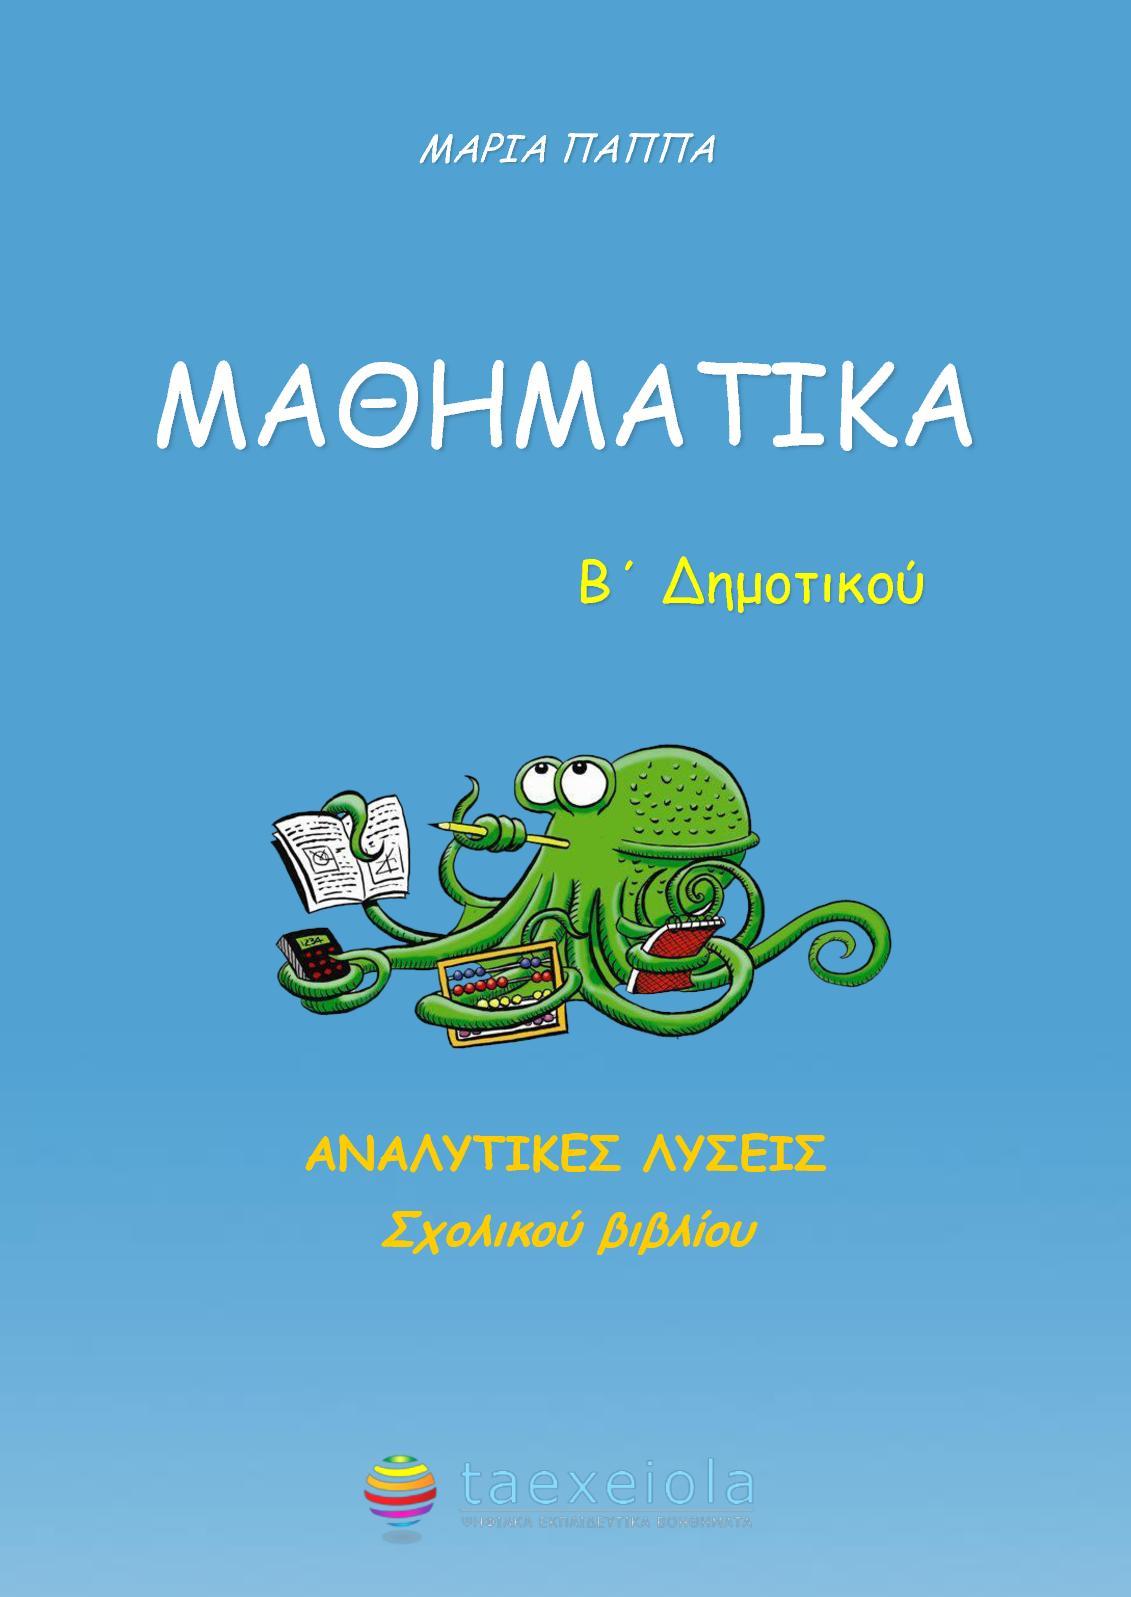 Βιβλίο Μαθηματικά Β΄ Δημοτικού